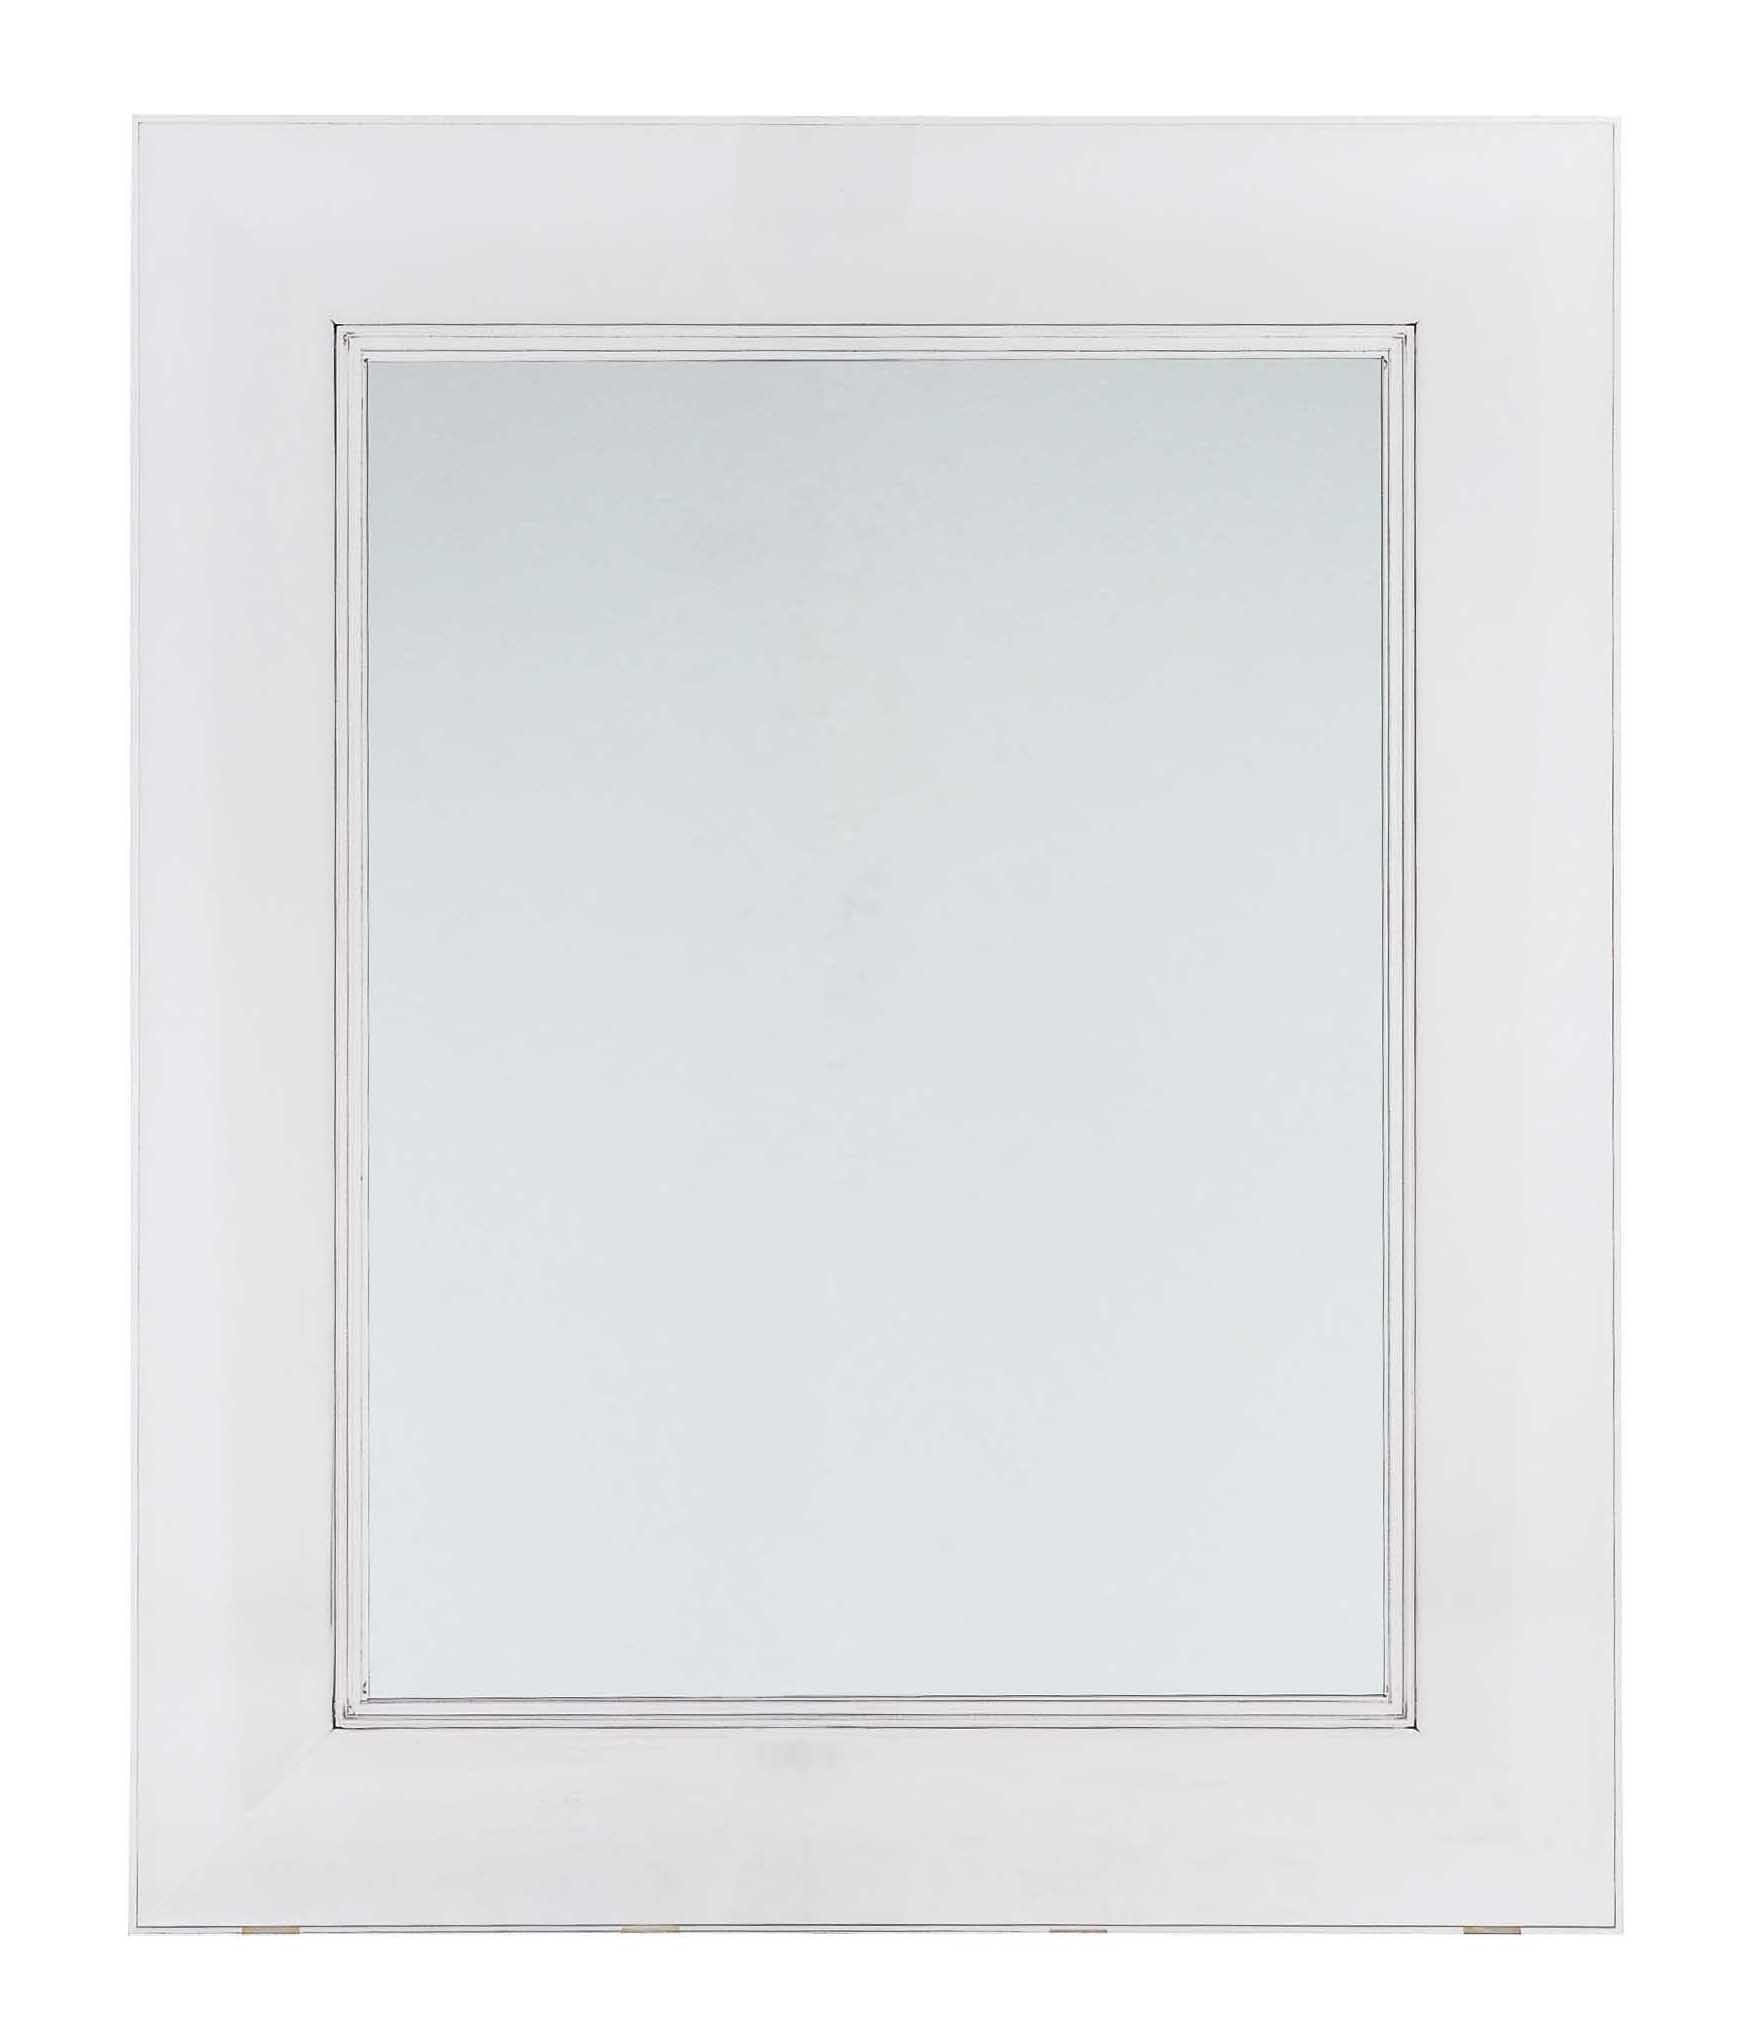 Miroir mural francois ghost large 88 x 111 cm cristal for Miroir large